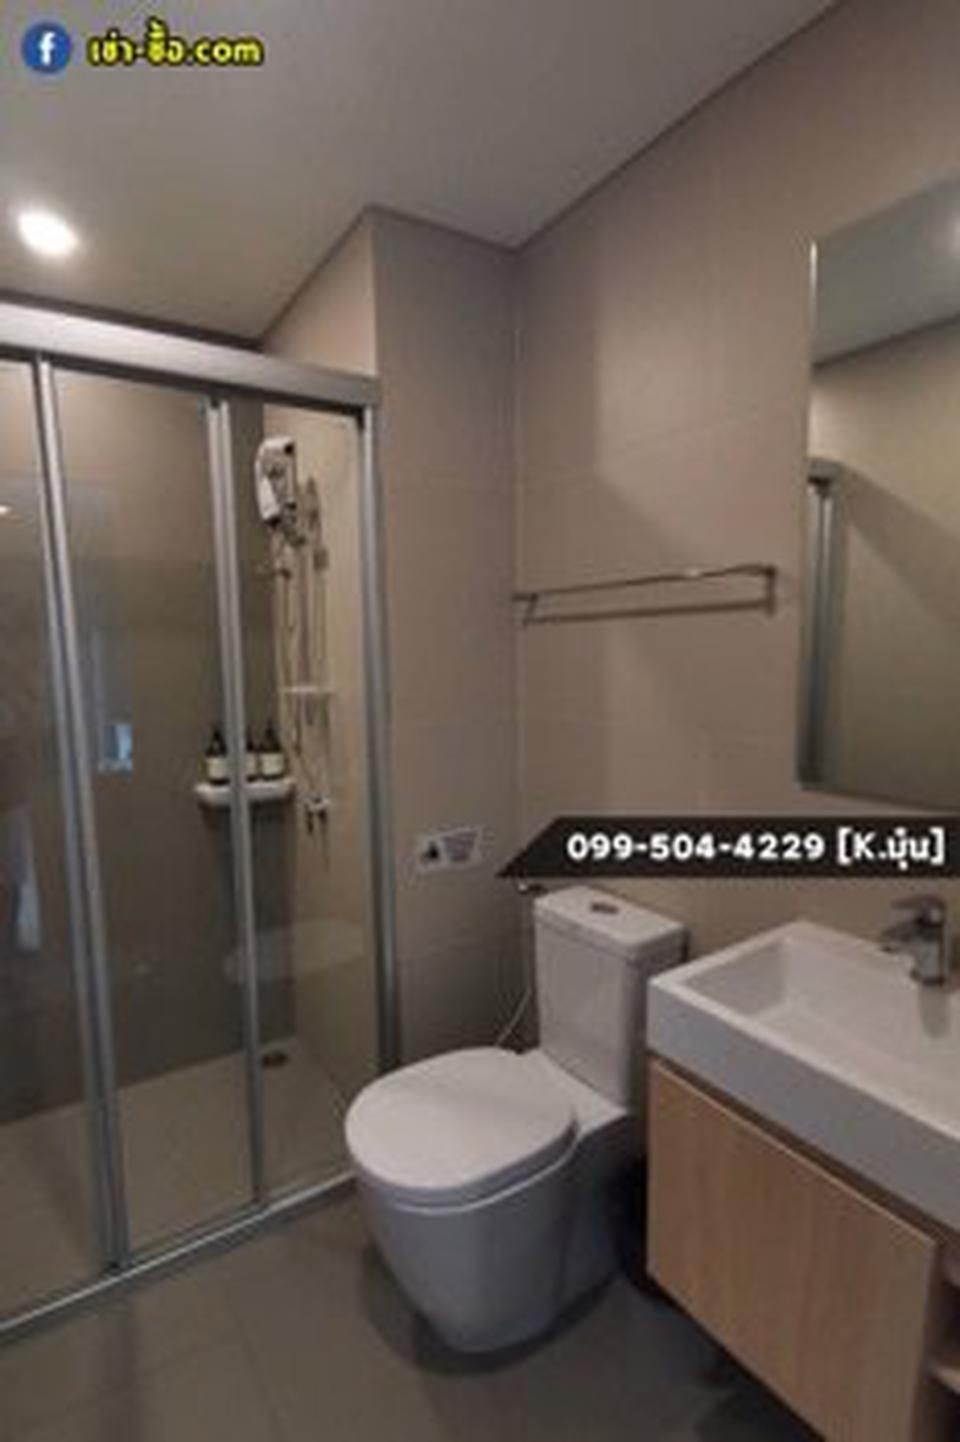 ให้เช่า คอนโด 2 ห้องนอน เครื่องใช้ครบครัน Lumpini Suite เพชรบุรี-มักกะสัน 43 ตรม. แถมยัง Built-In ทั้งห้องด้วยนะ รูปที่ 6